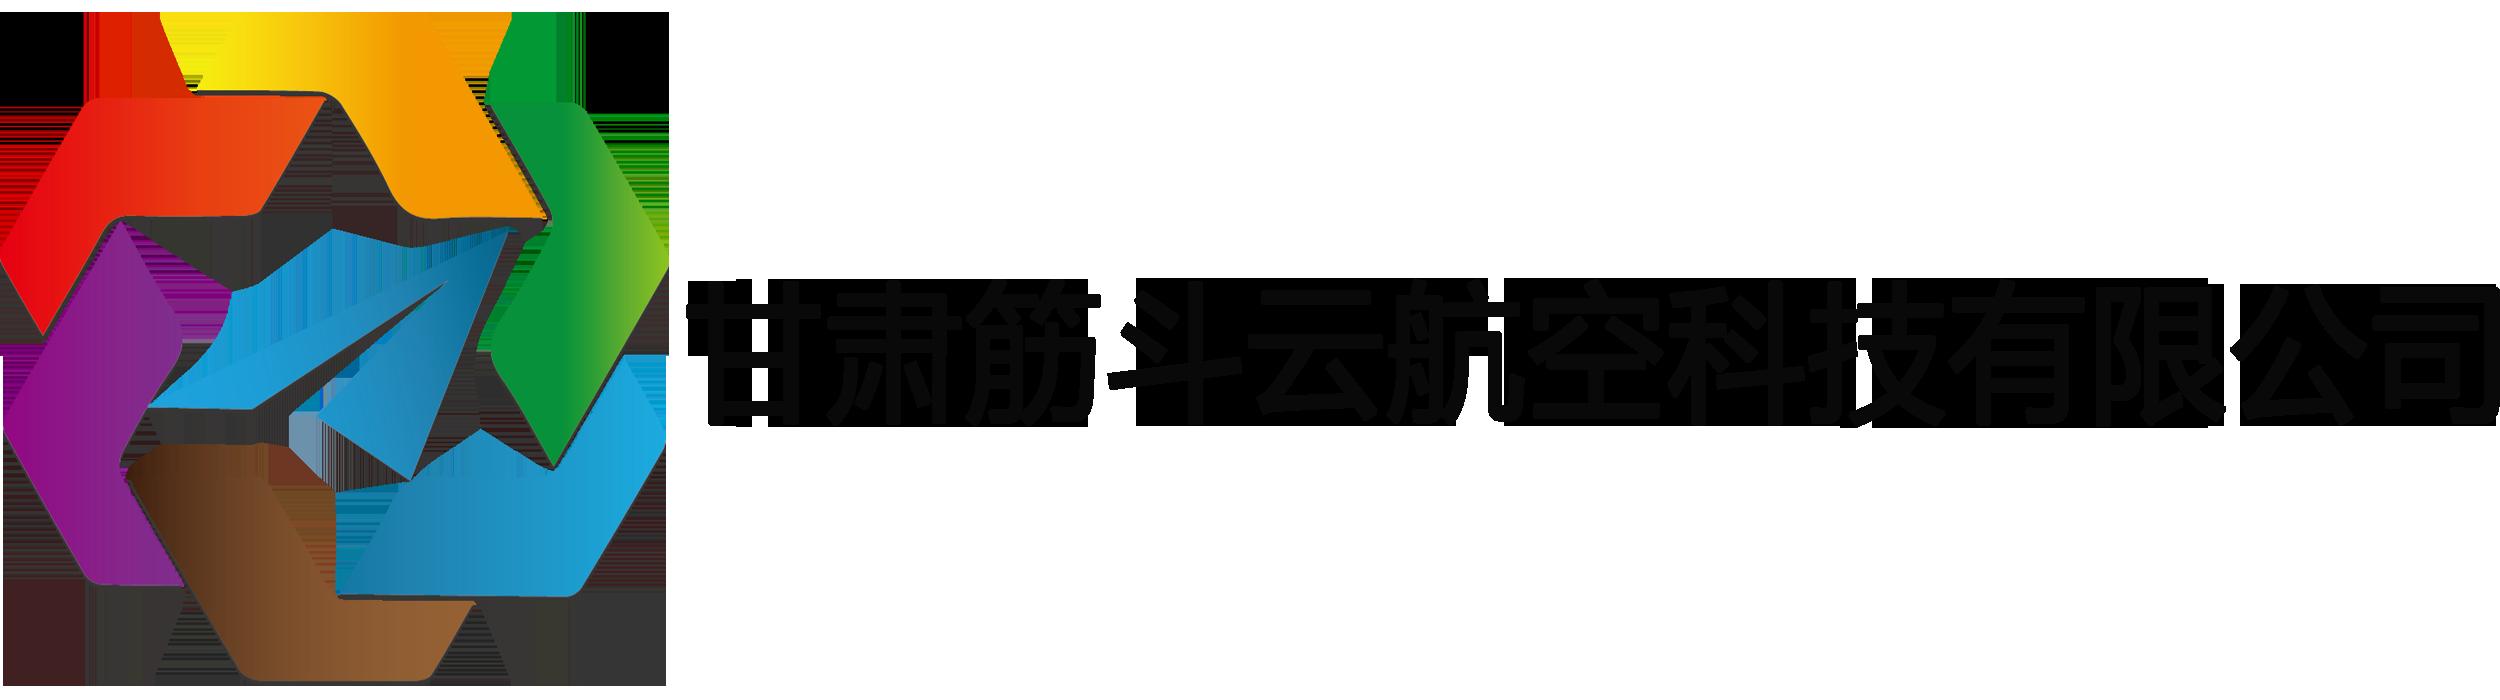 甘肃大地文化发展有限公司